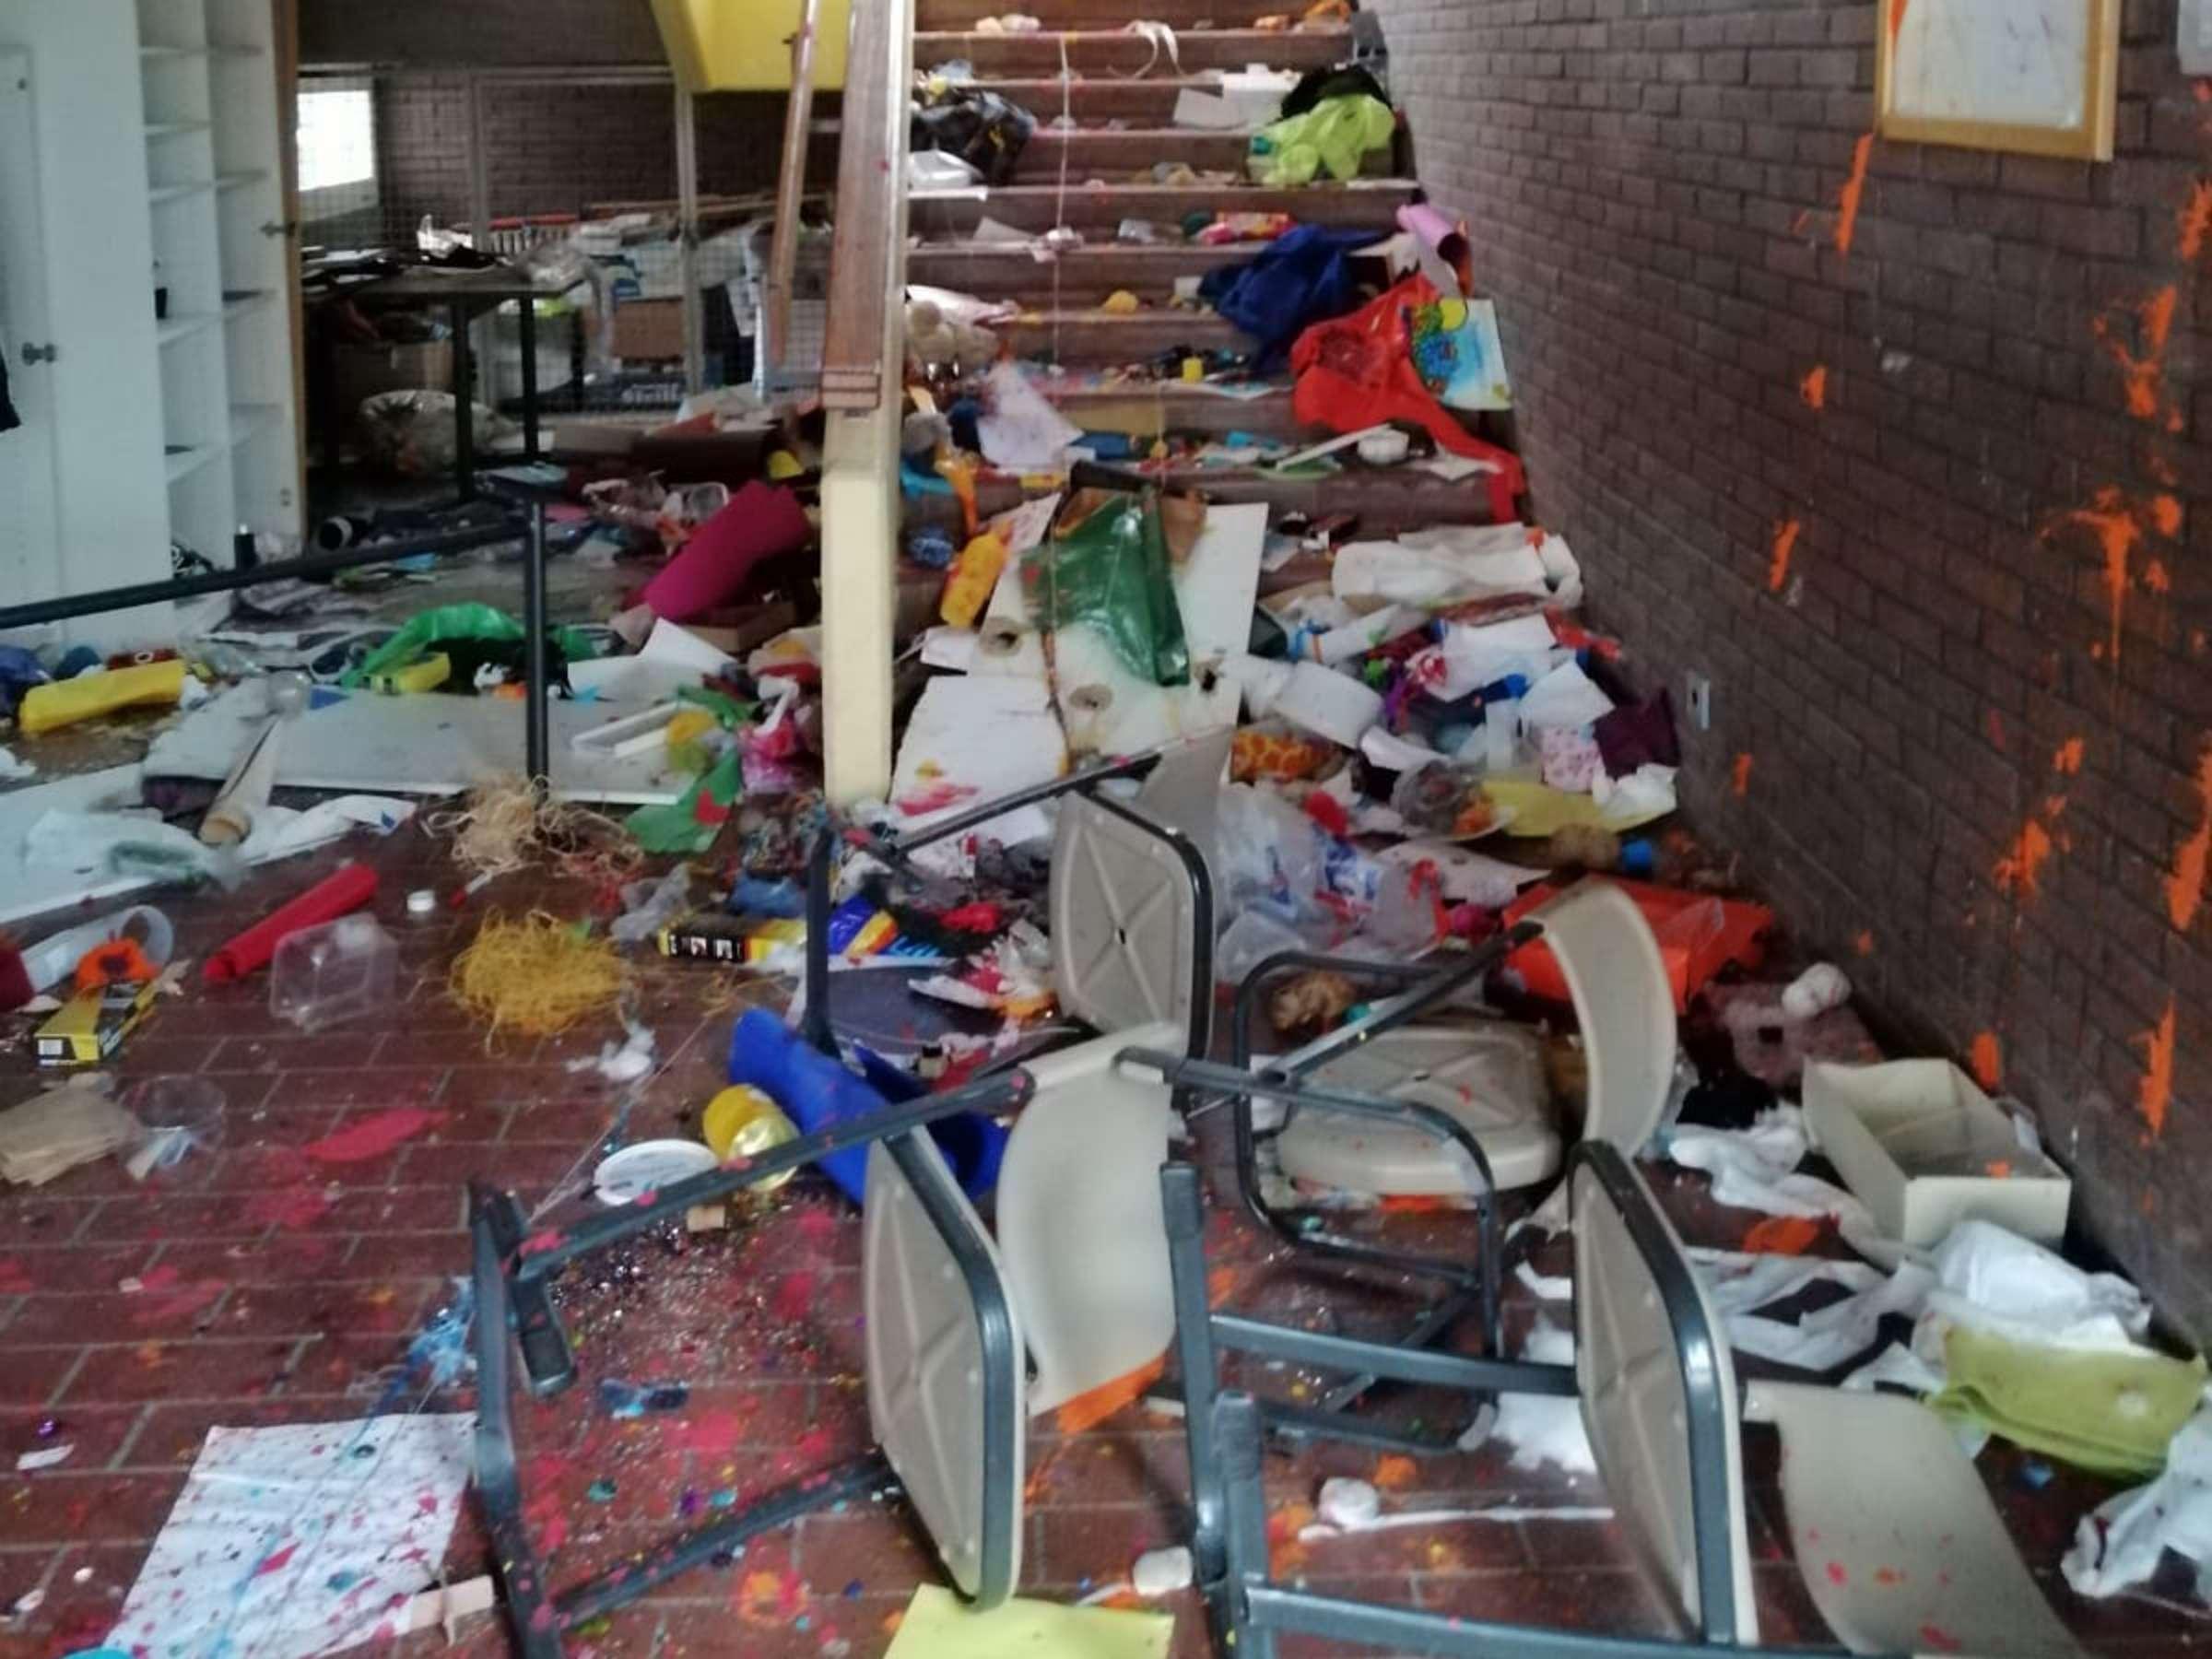 Worms: Realschule völlig verwüstet – Polizei nimmt zwei Teenager fest    Region